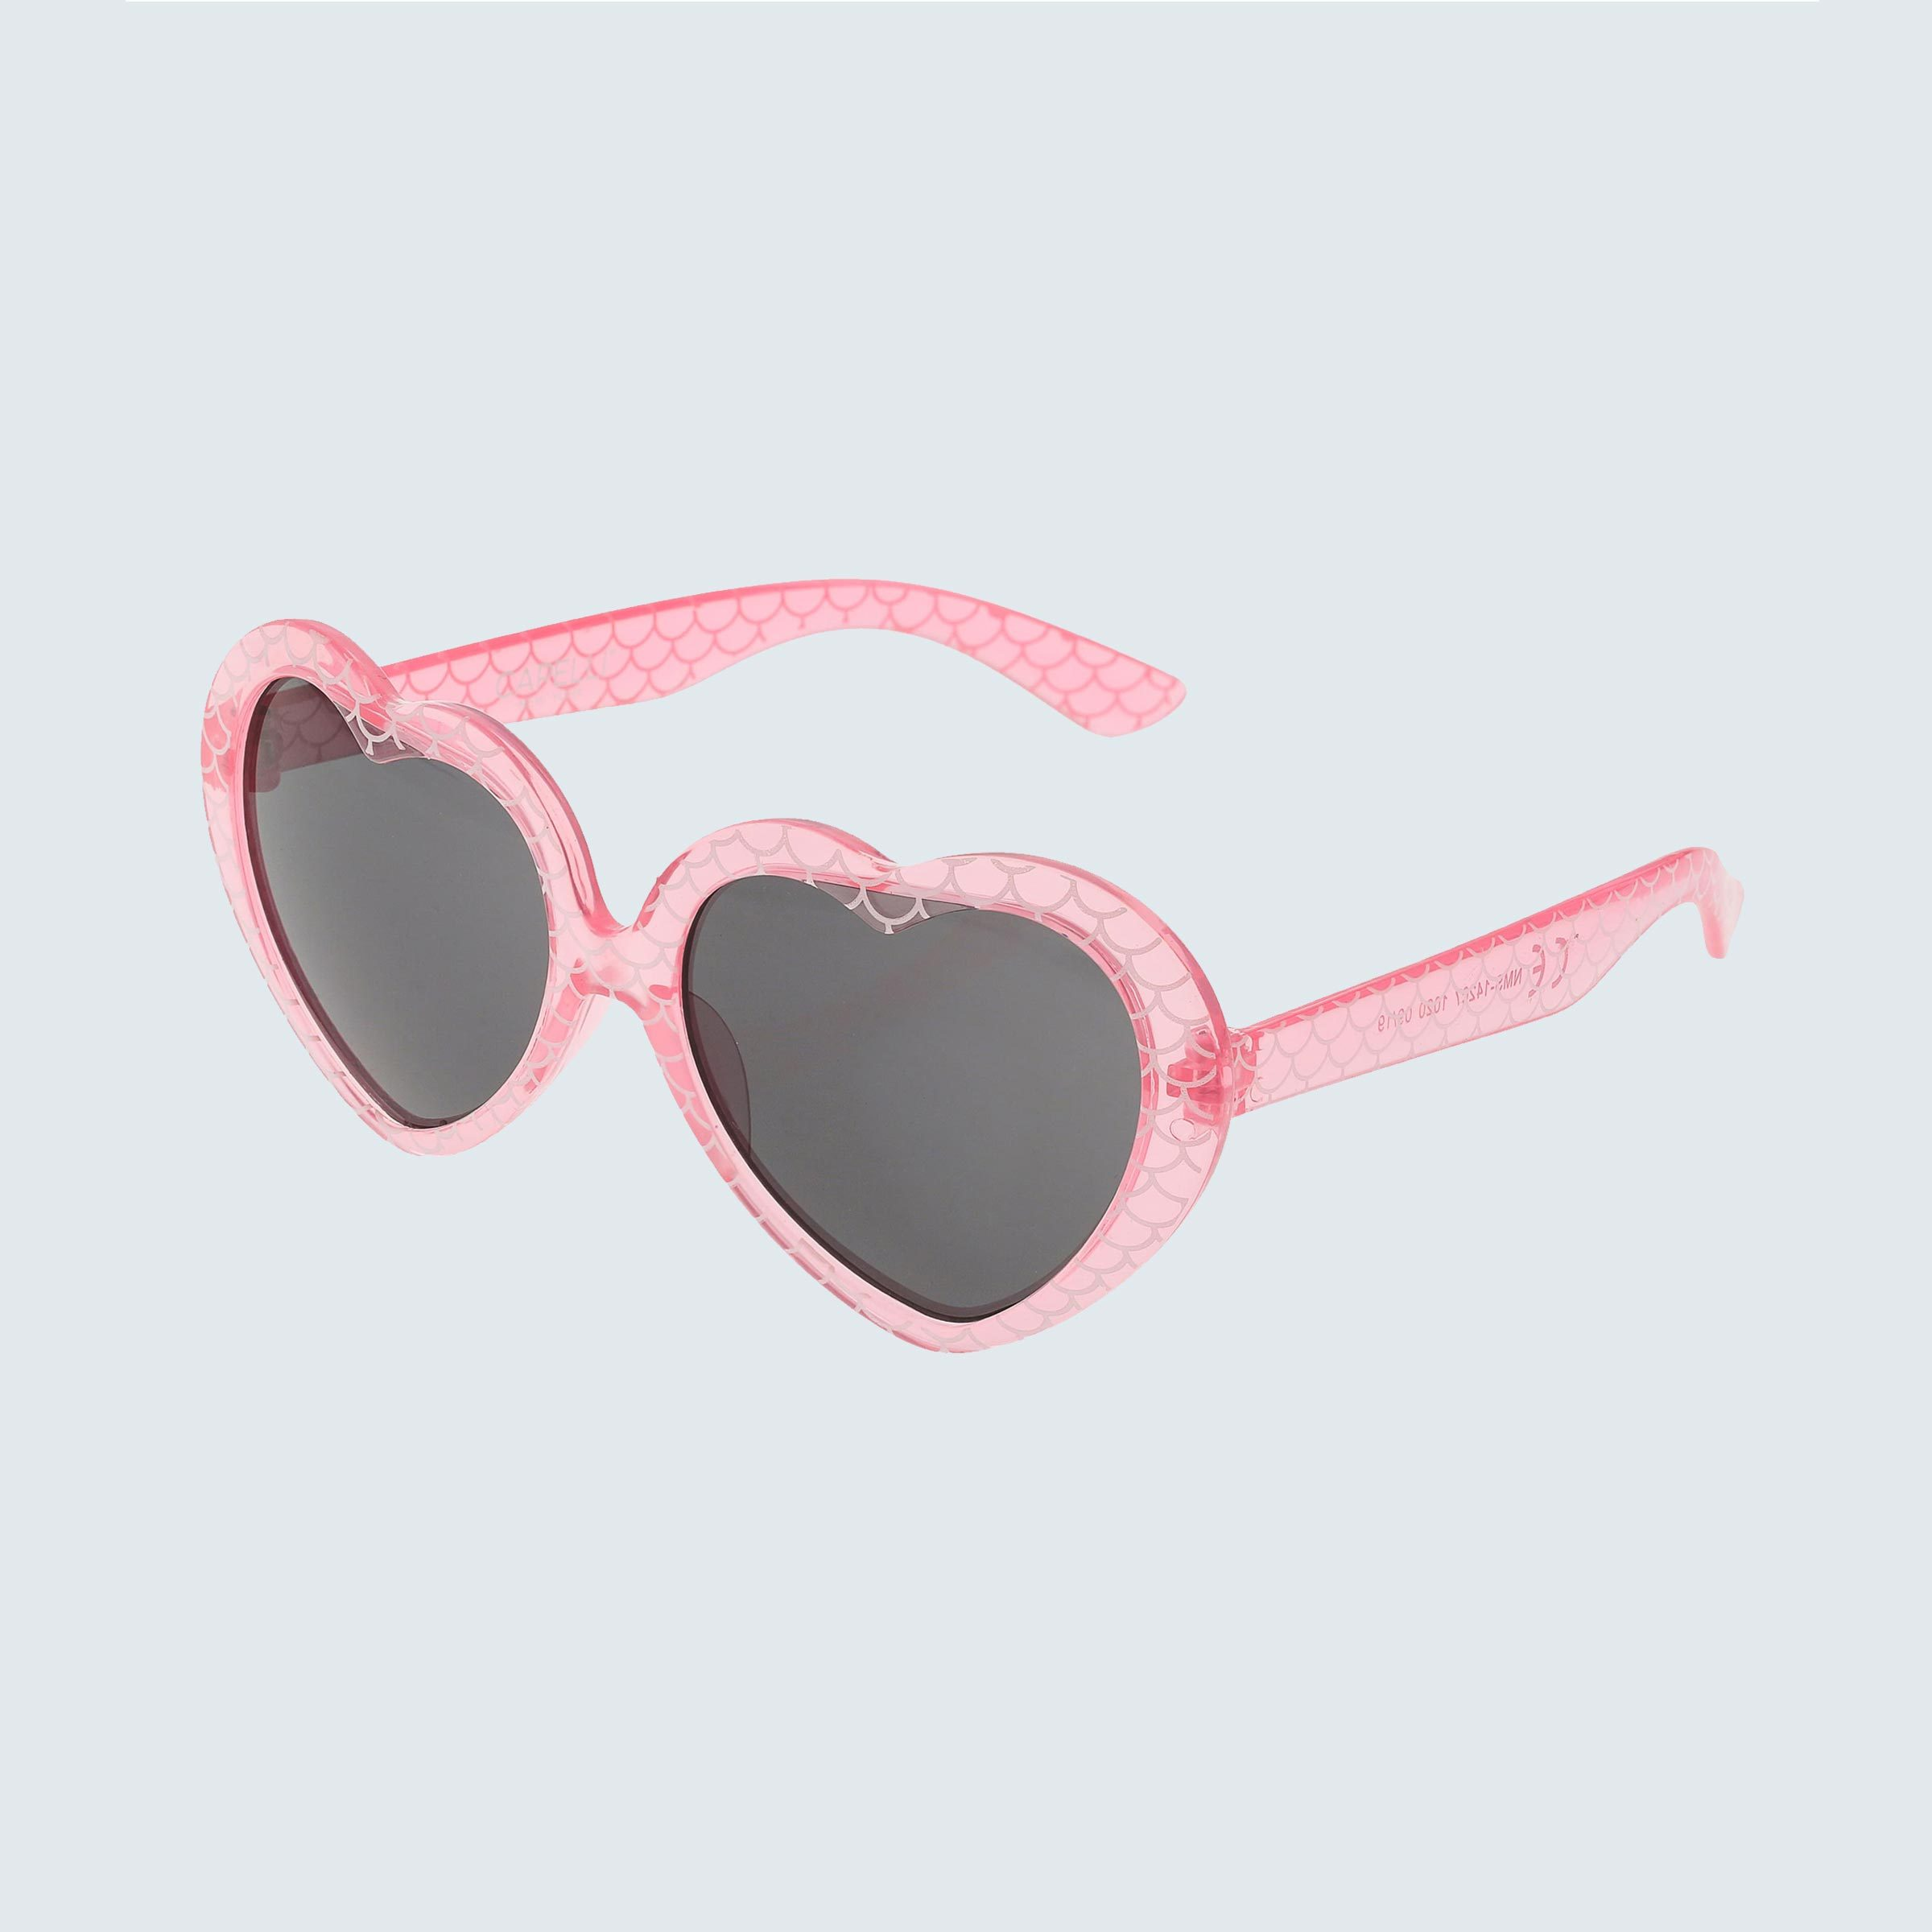 Best cheap sunglasses for girly girls